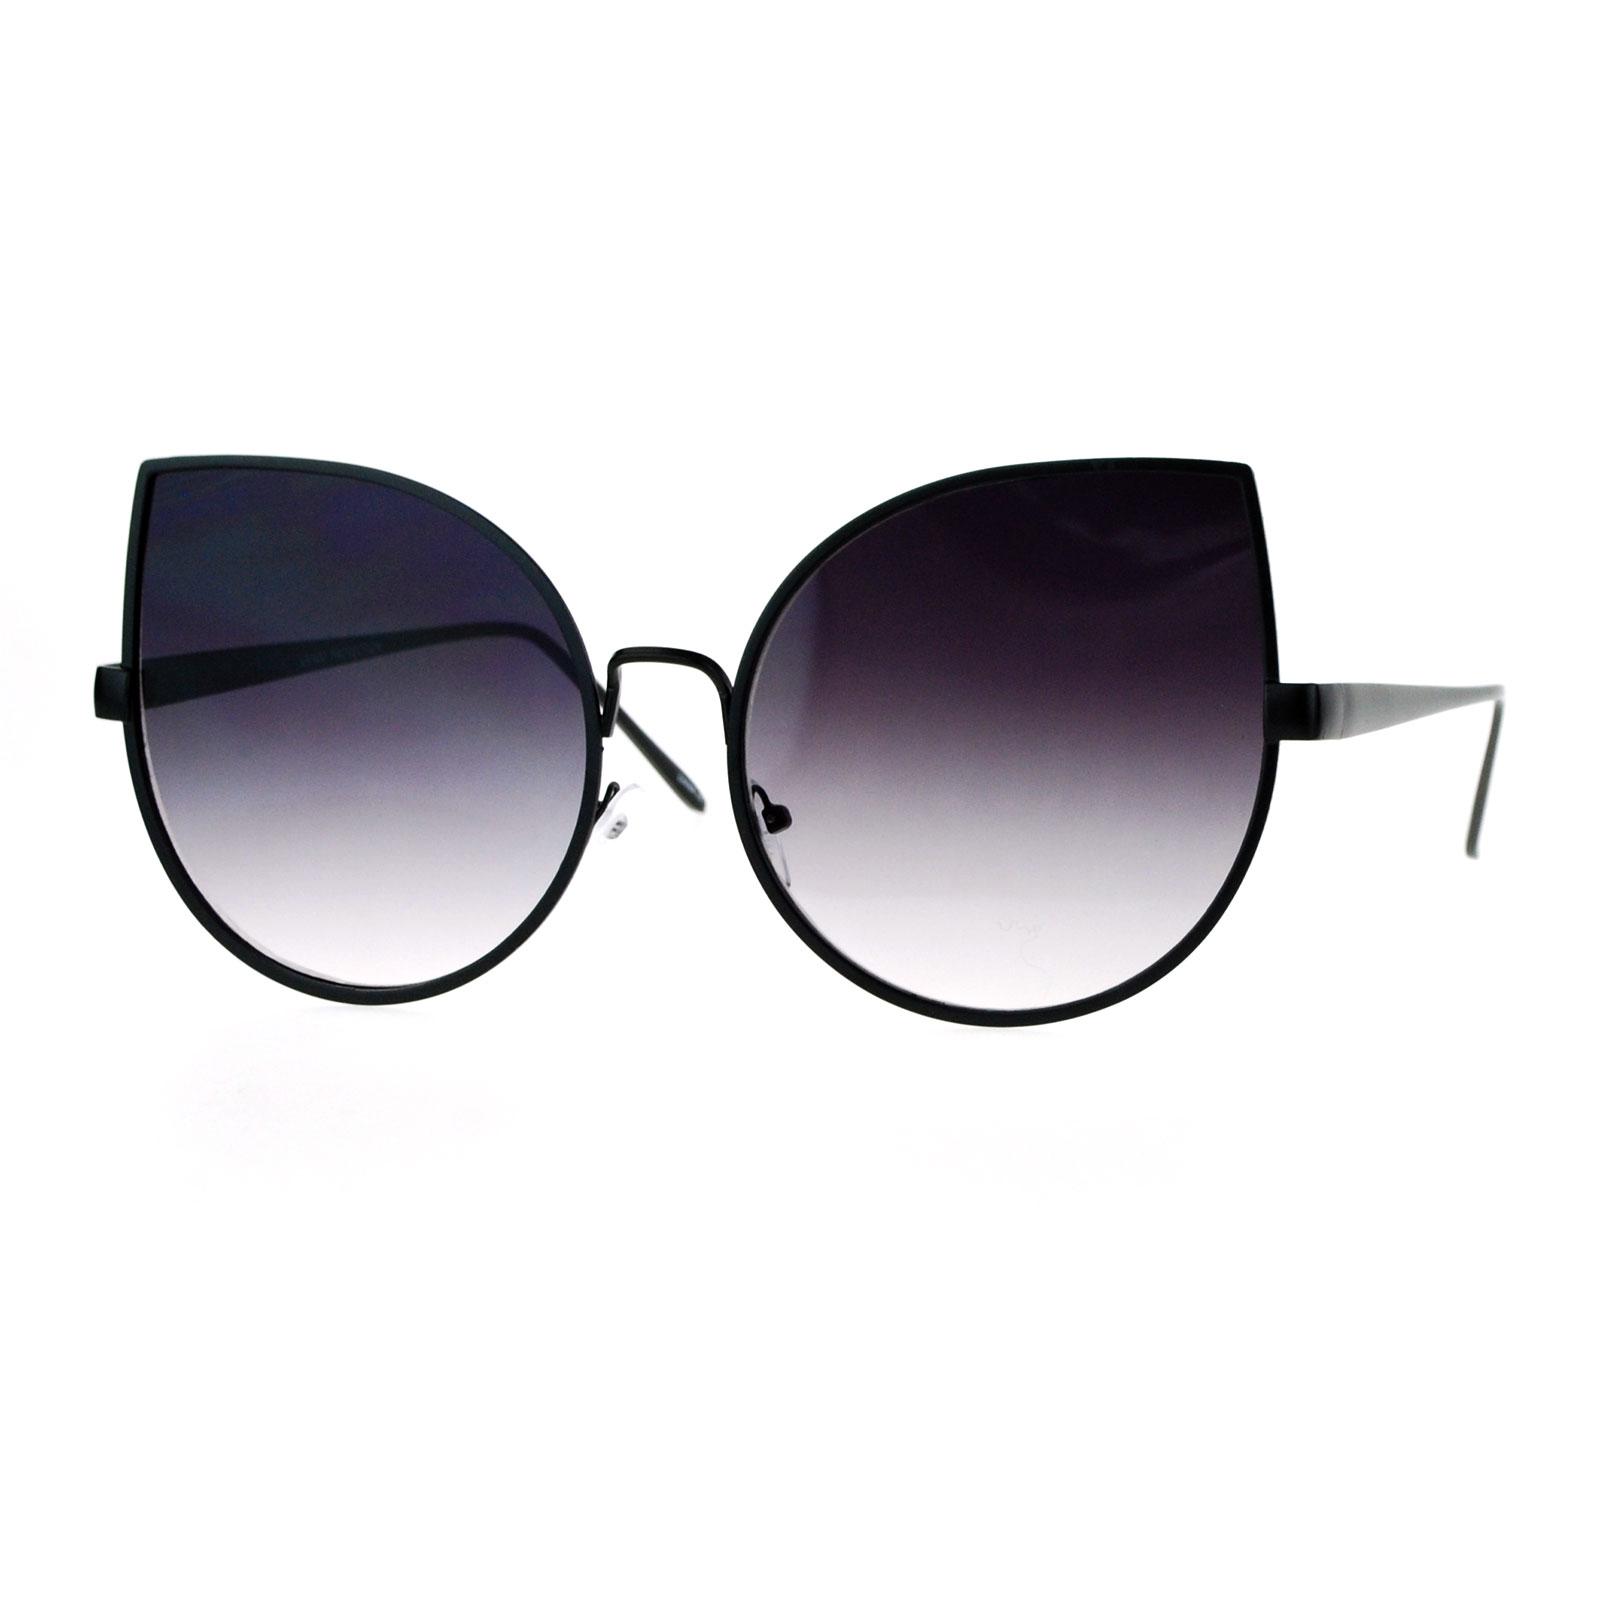 Circle Sunglasses  sa106 grant flat lens bat shape metal rim cat eye circle